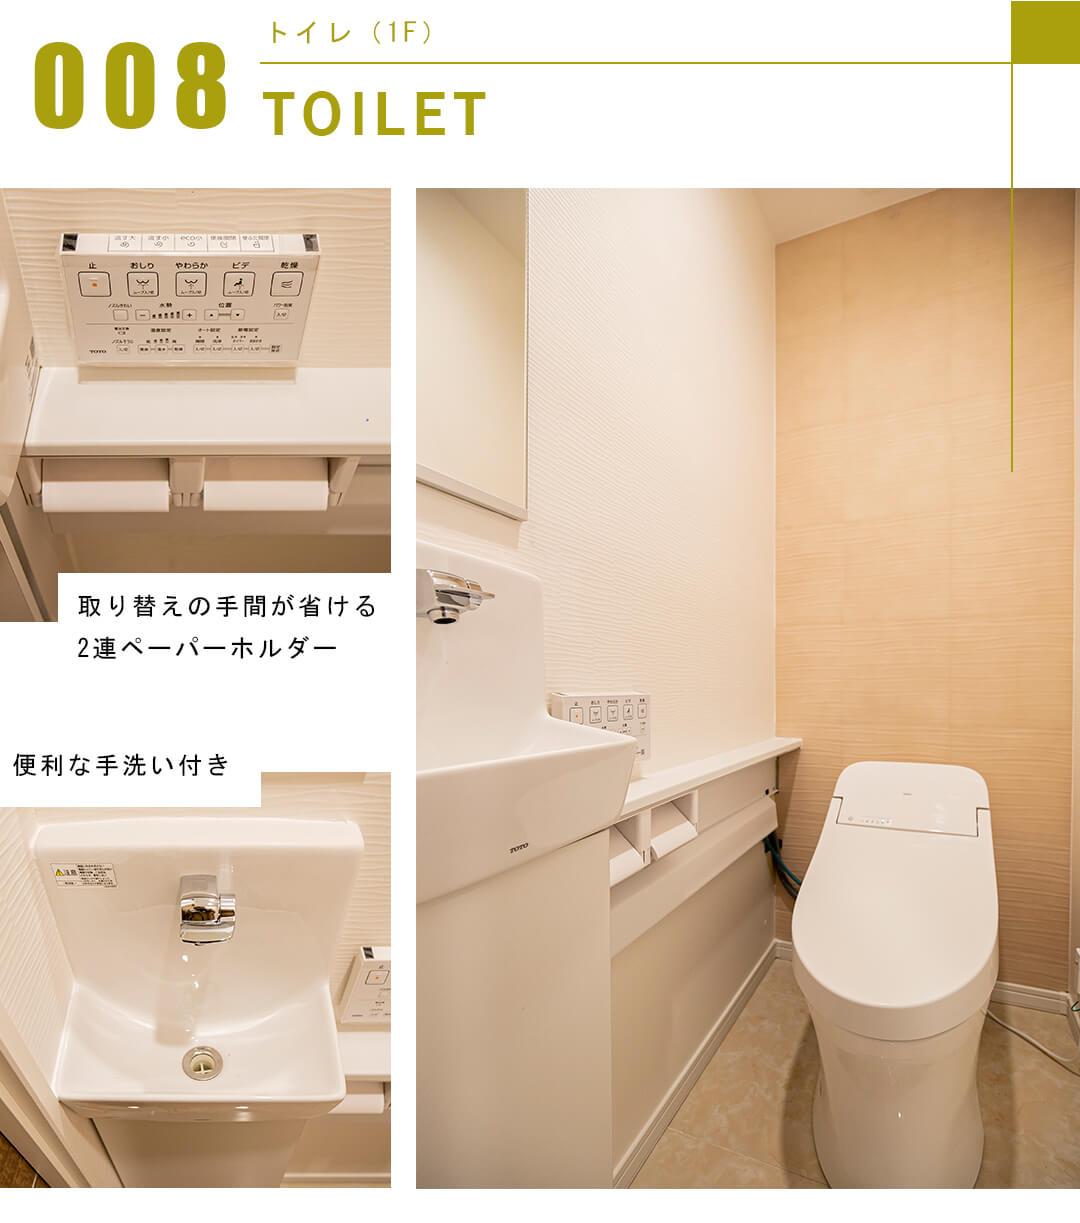 セボン代官山A棟のトイレ